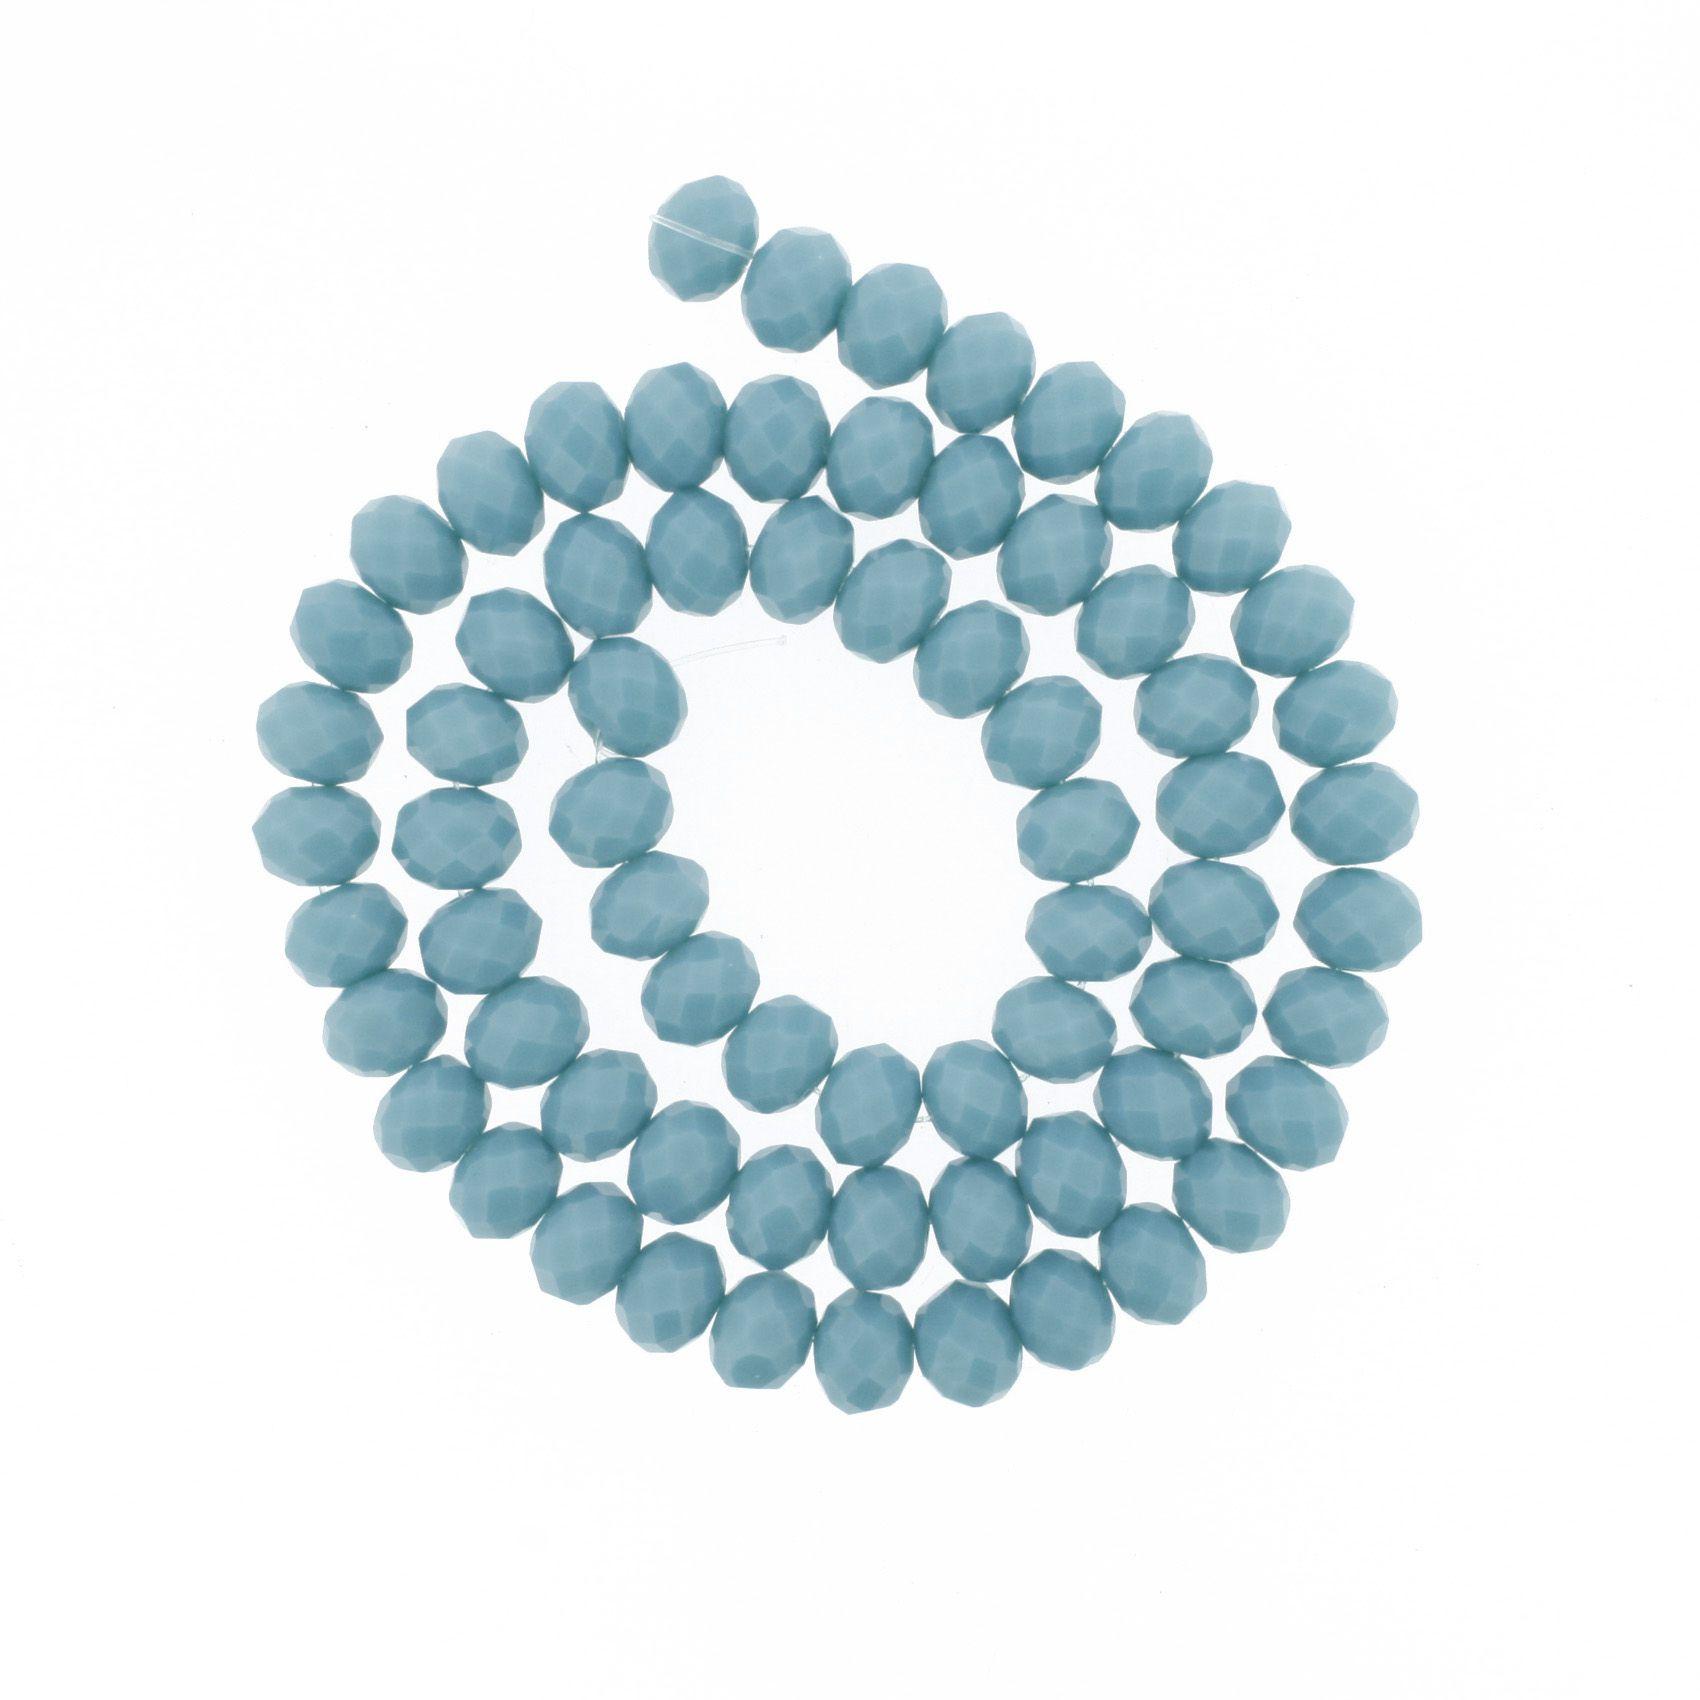 Fio de Cristal - Piatto® - Azul Tiffany - 8mm  - Universo Religioso® - Artigos de Umbanda e Candomblé